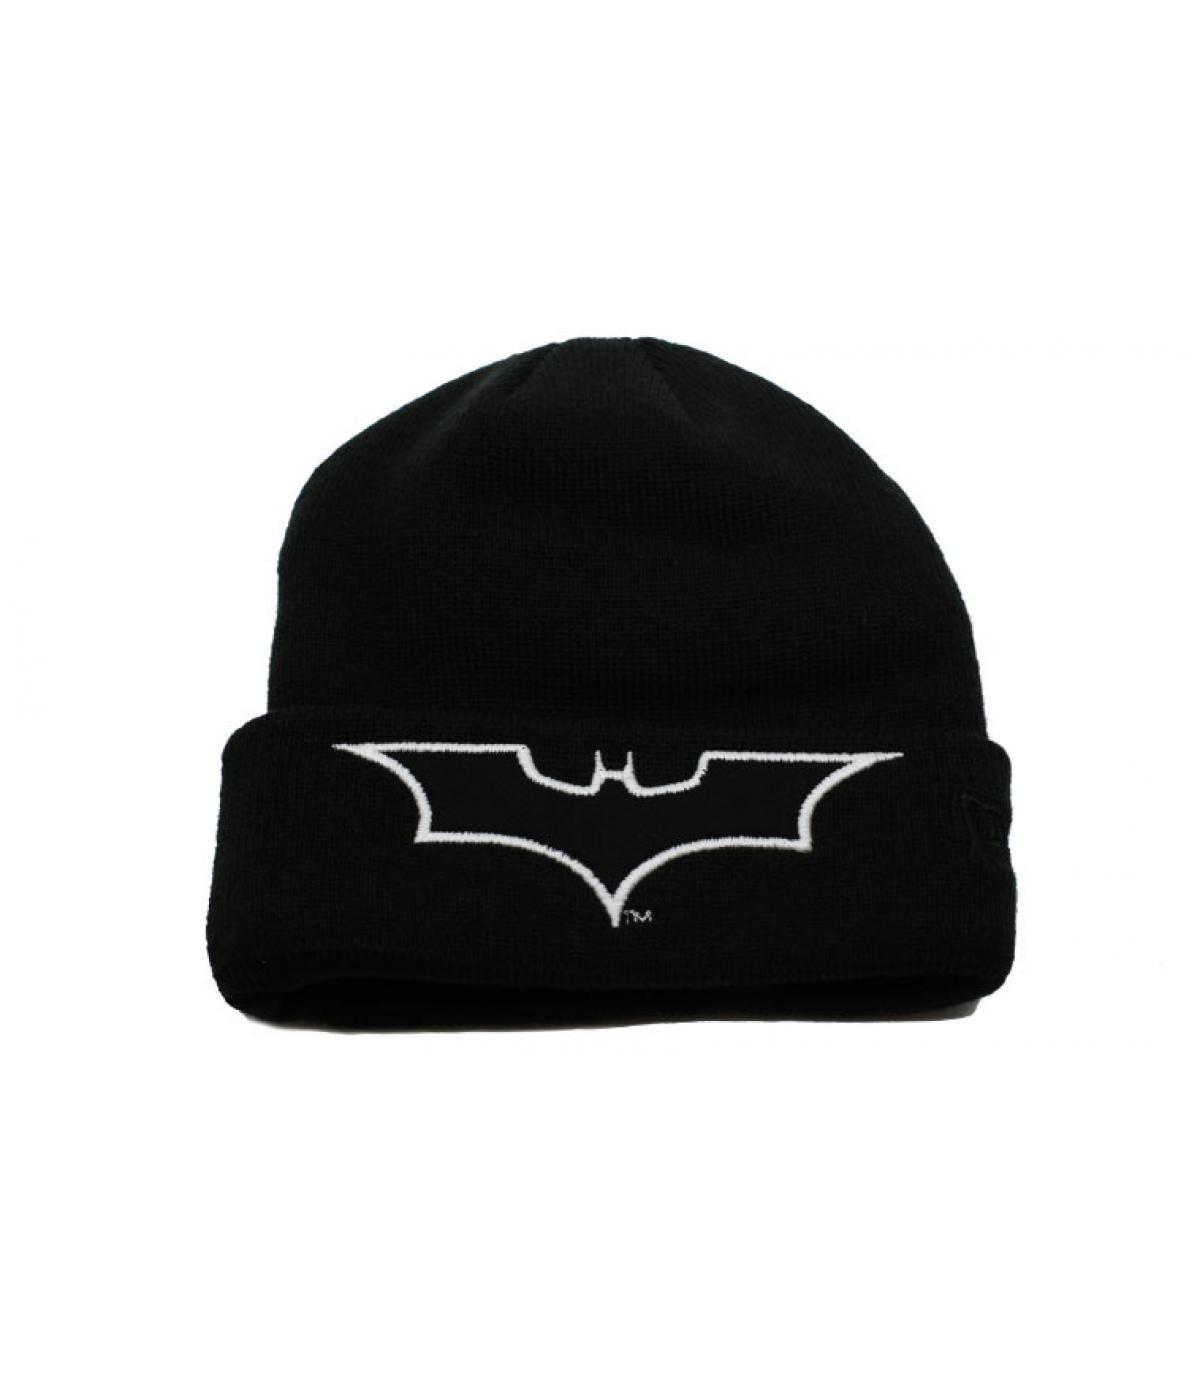 Détails Bonnet Kids GITD Knit Batman - image 2